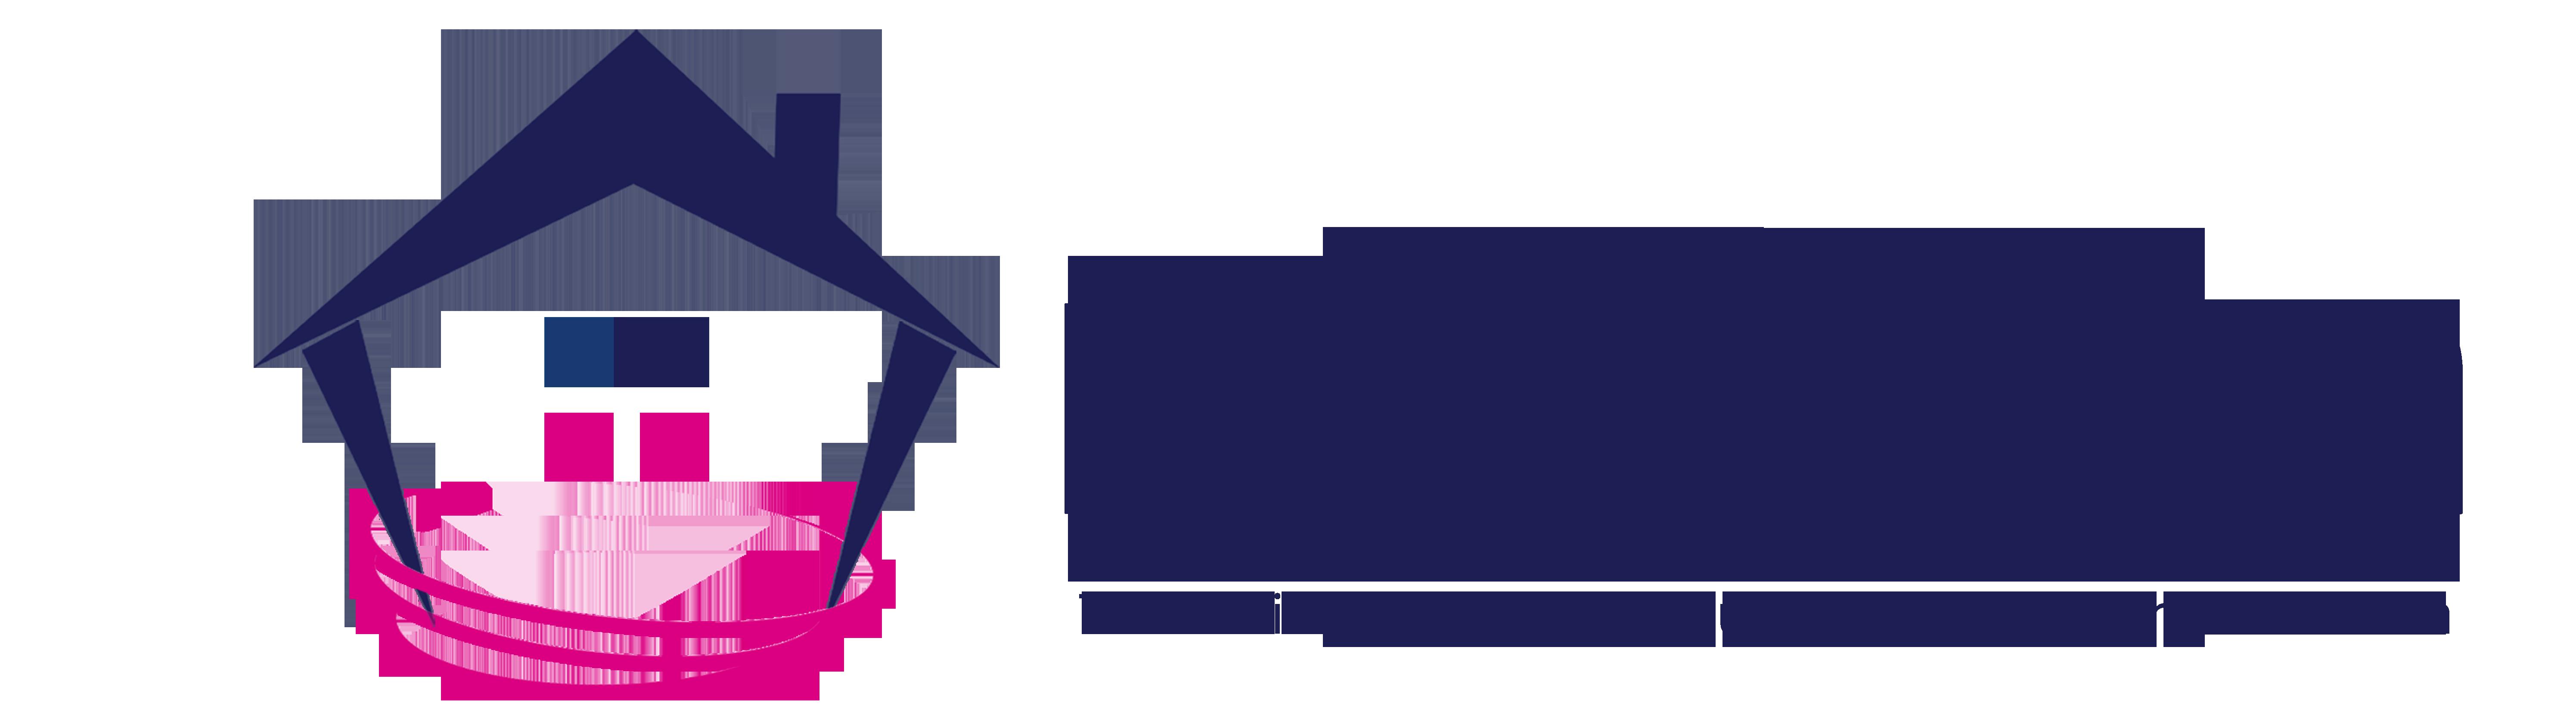 meQasa.com logo